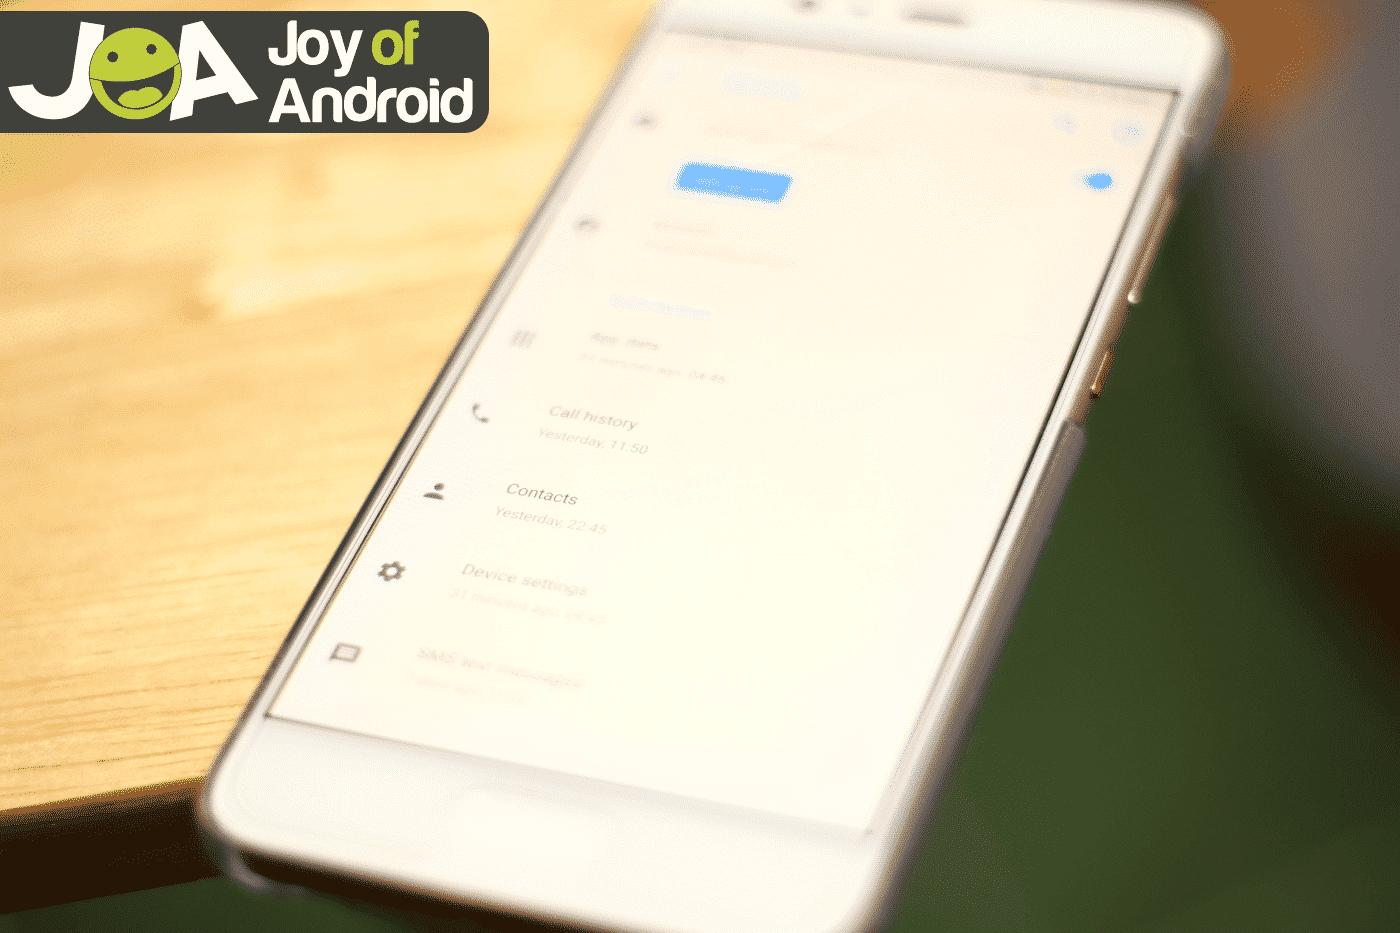 Ako zálohovať kontakty v systéme Android [4 Contact Backup Methods] 1